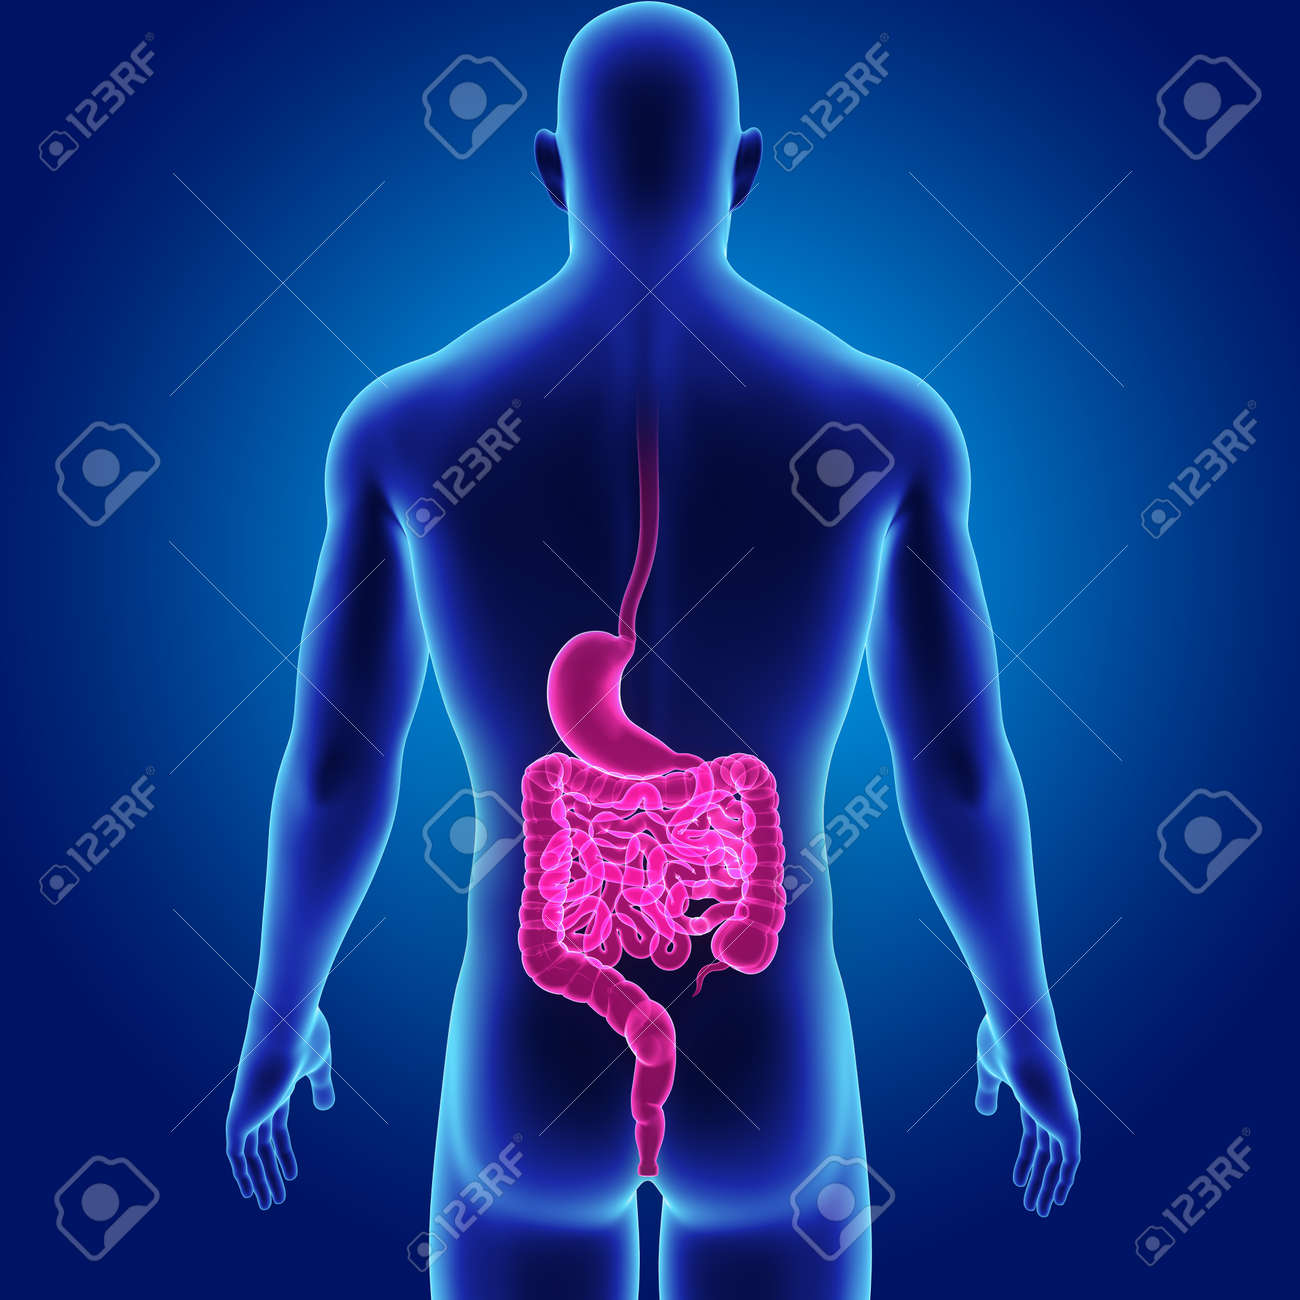 Menschlicher Magen Und Darm Mit Körperrückansicht Lizenzfreie Fotos ...